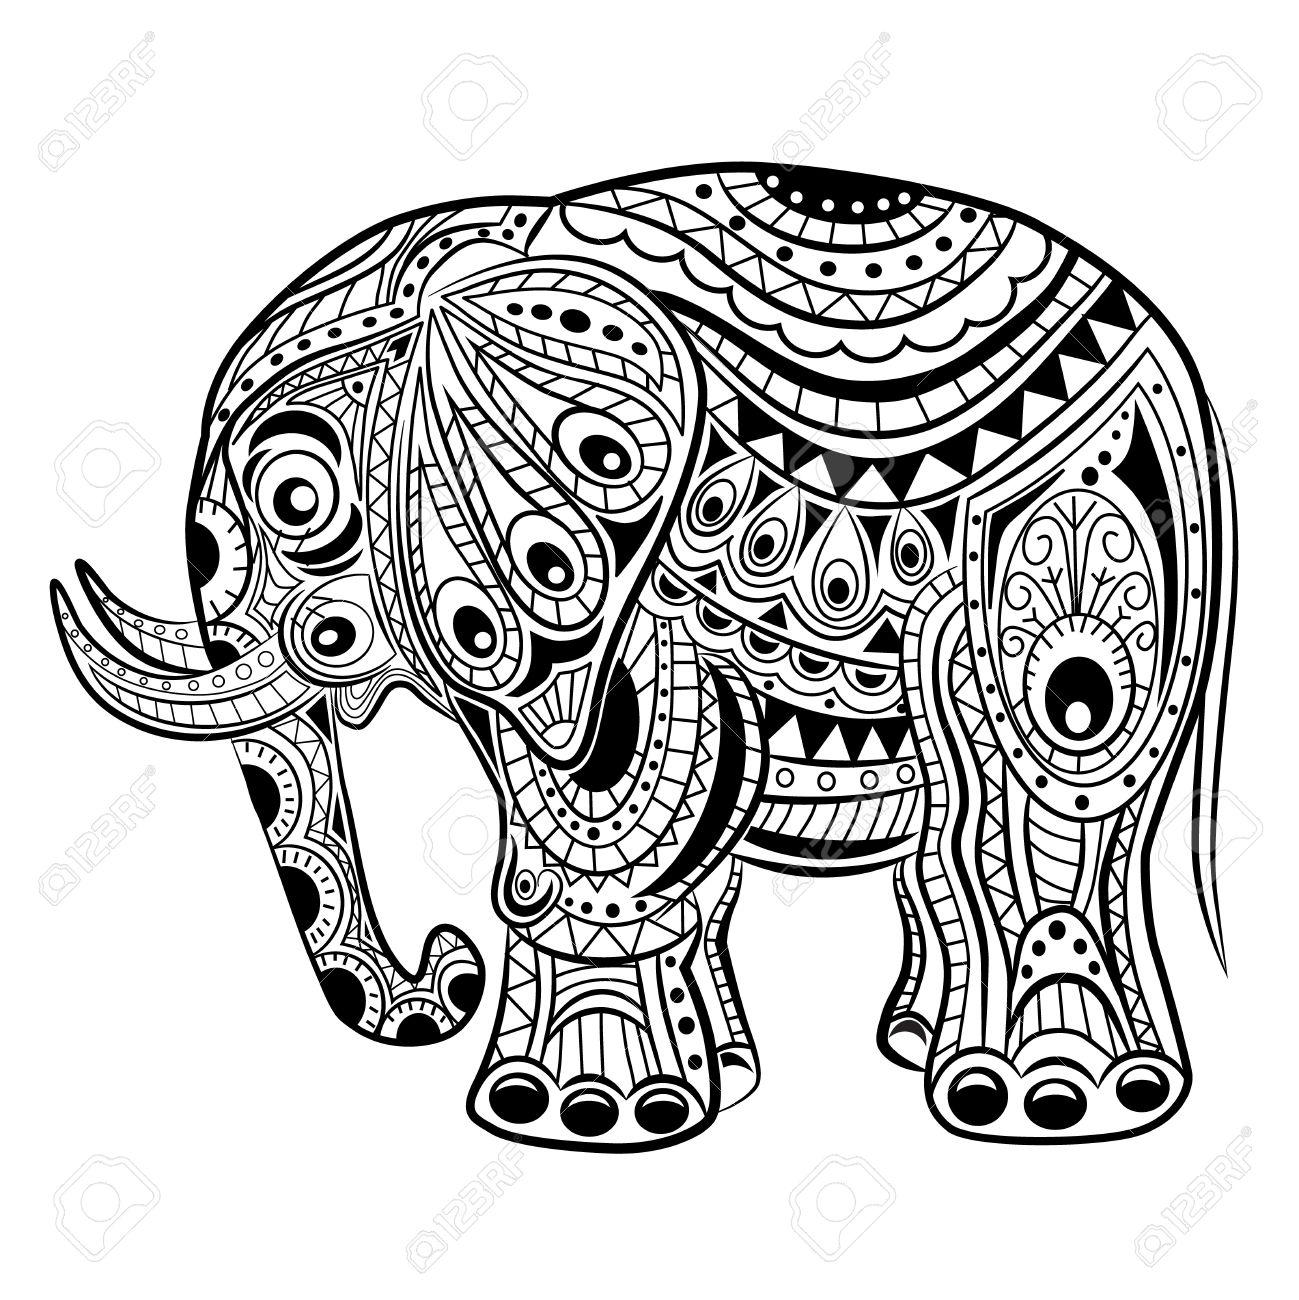 Hand Gezeichnet Tinte Zentangle Elefant Für Entspannung Und ...